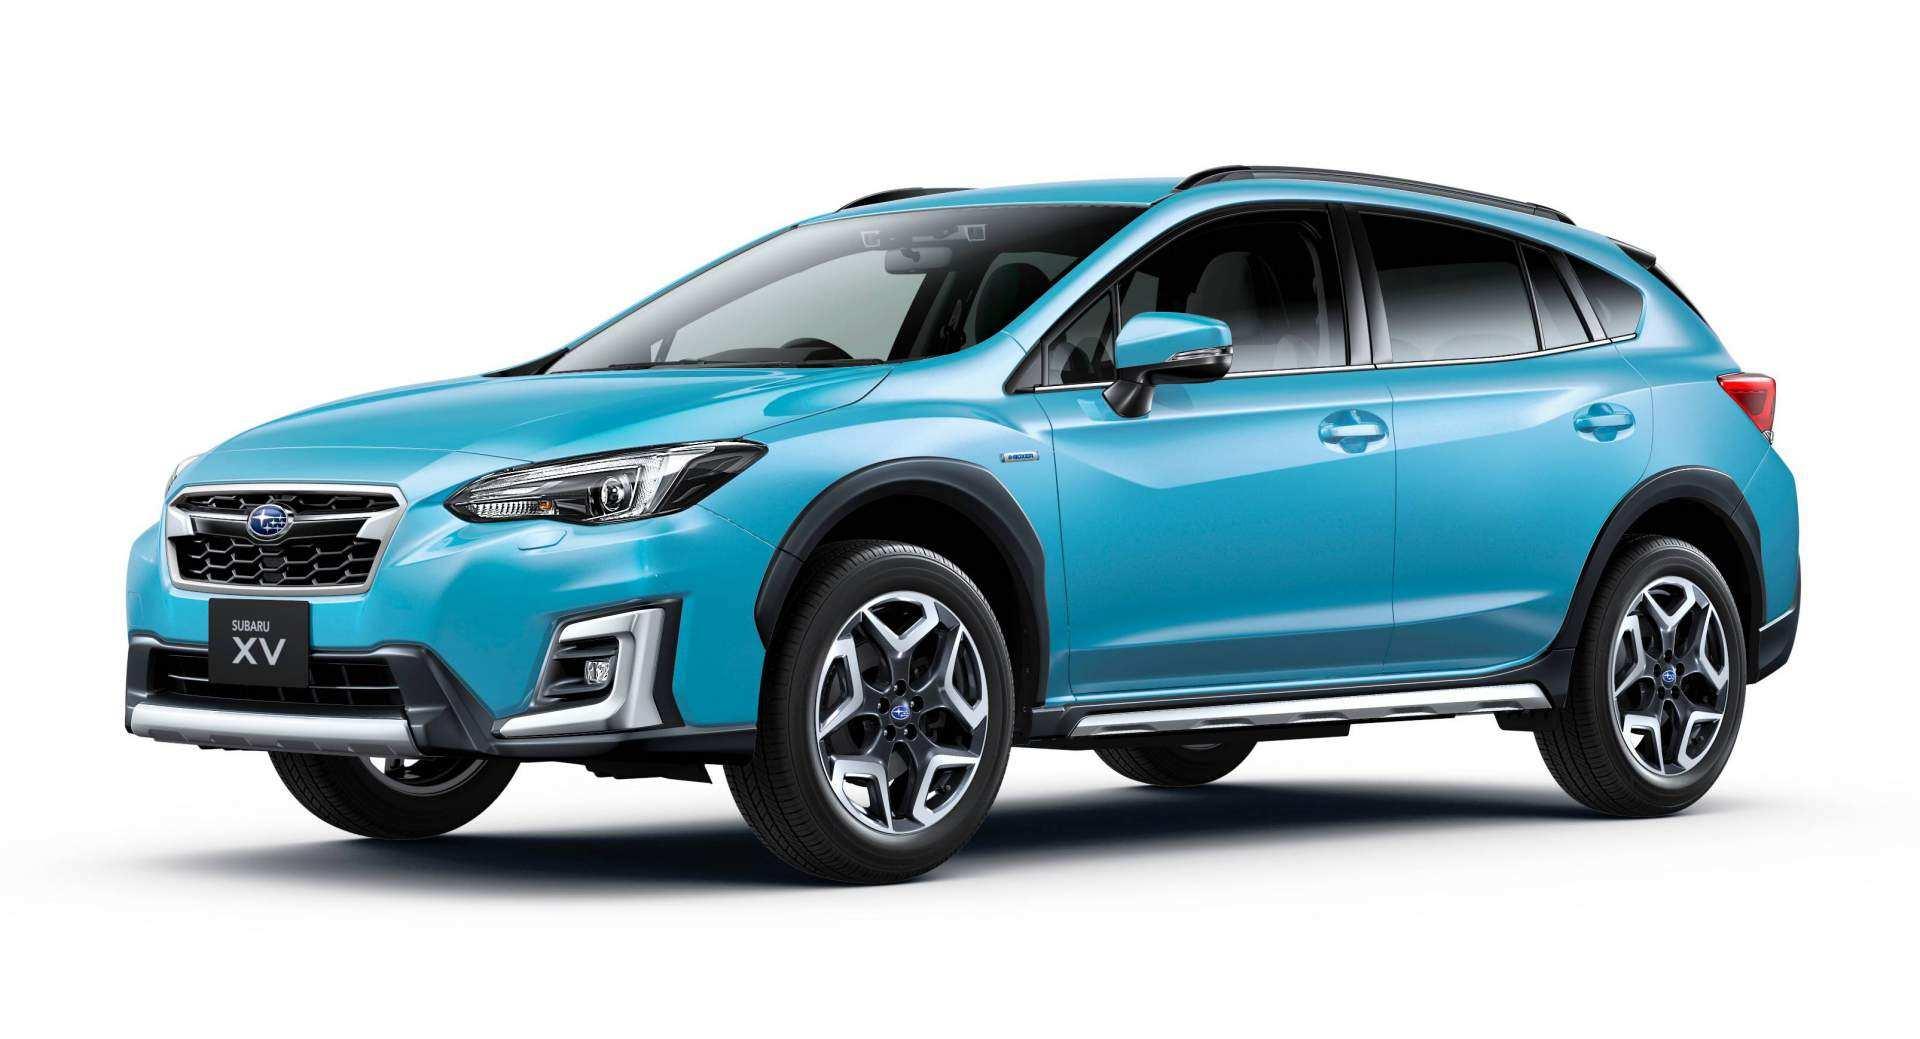 37 Gallery of Subaru Xv 2020 Australia Price with Subaru Xv 2020 Australia